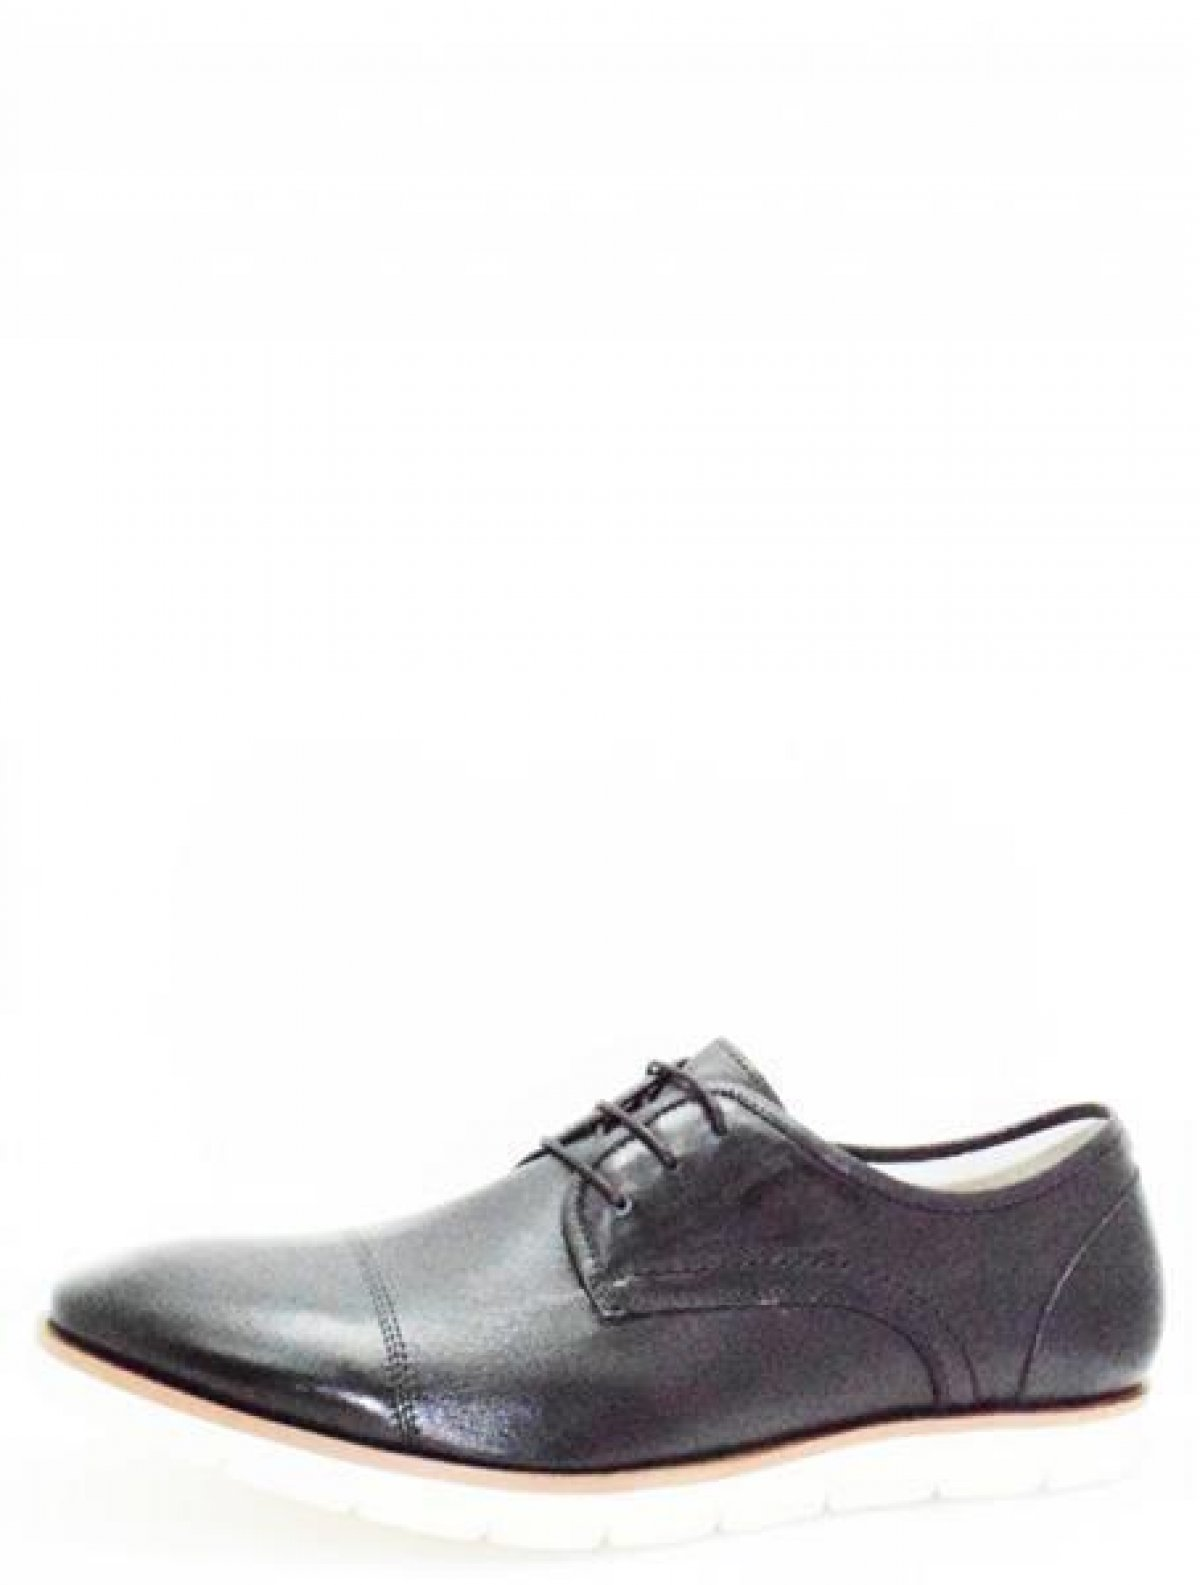 667218/01-01 мужские туфли